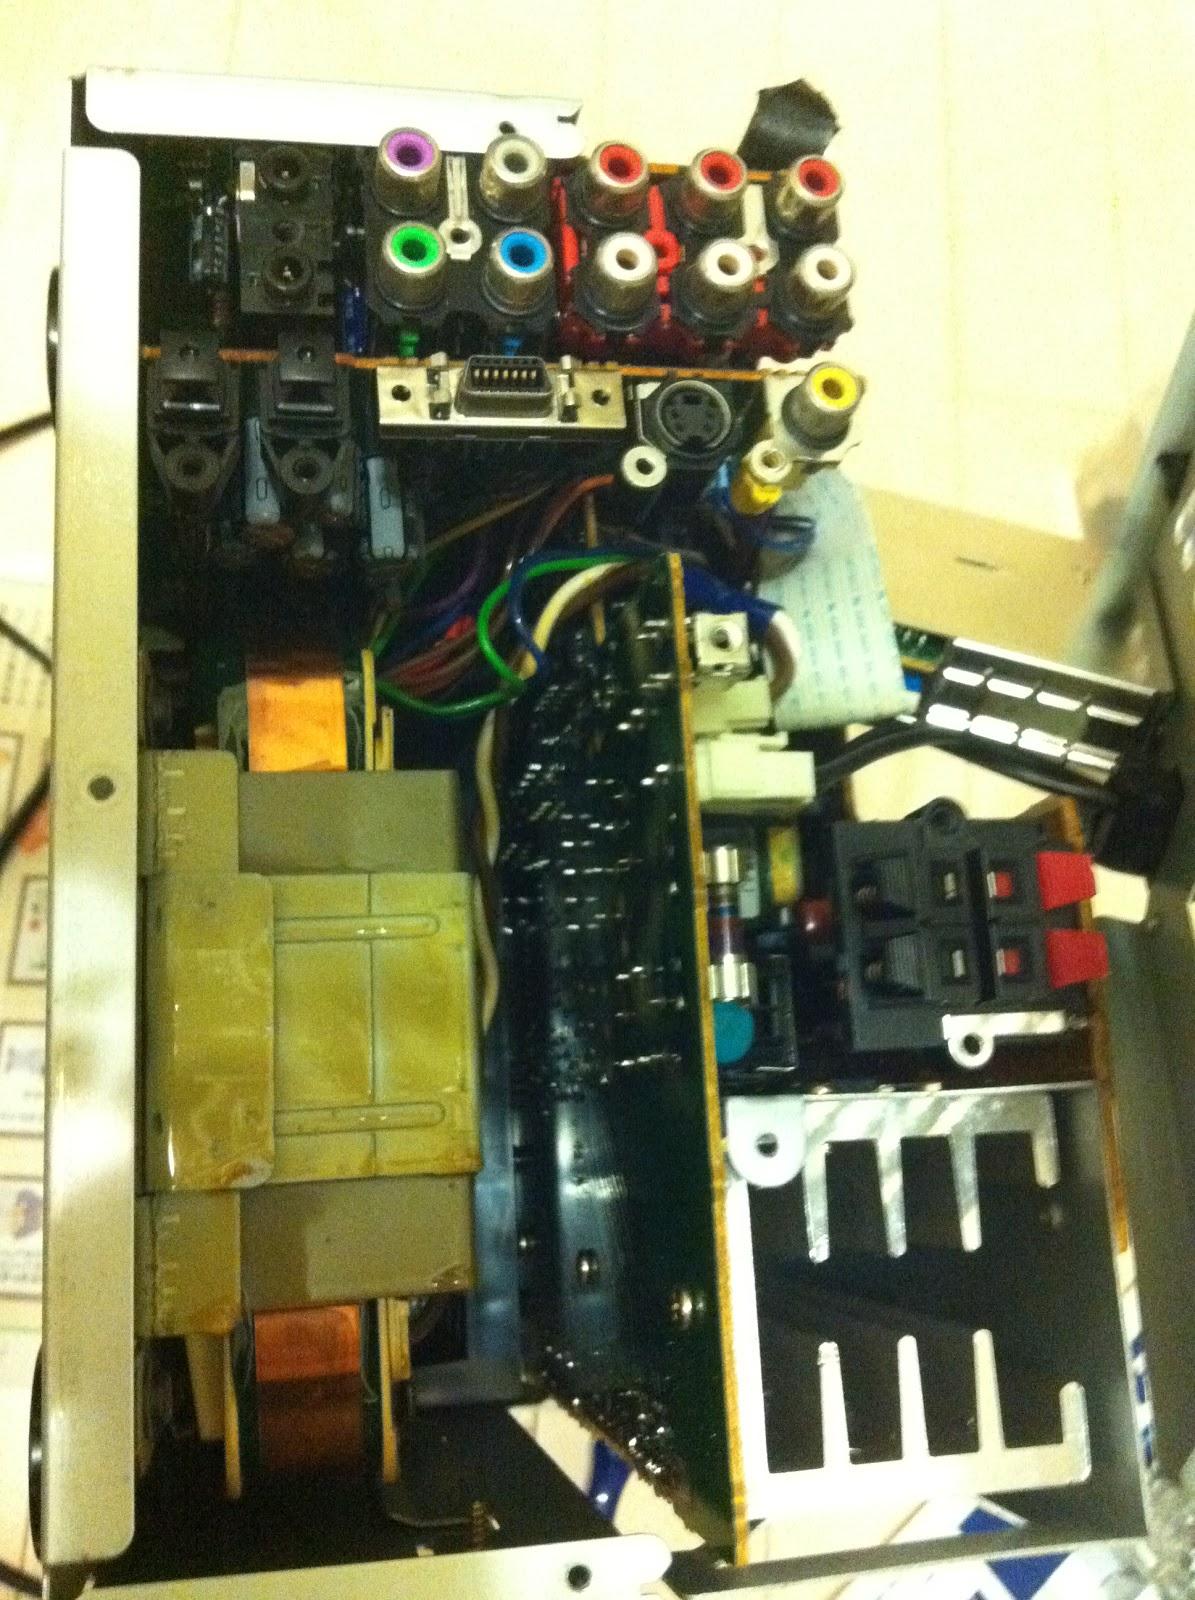 Computere Elektro September 2012 Lowjadi Circuit Schematic Diagram Ini Yang Saya Cariiii Trafo